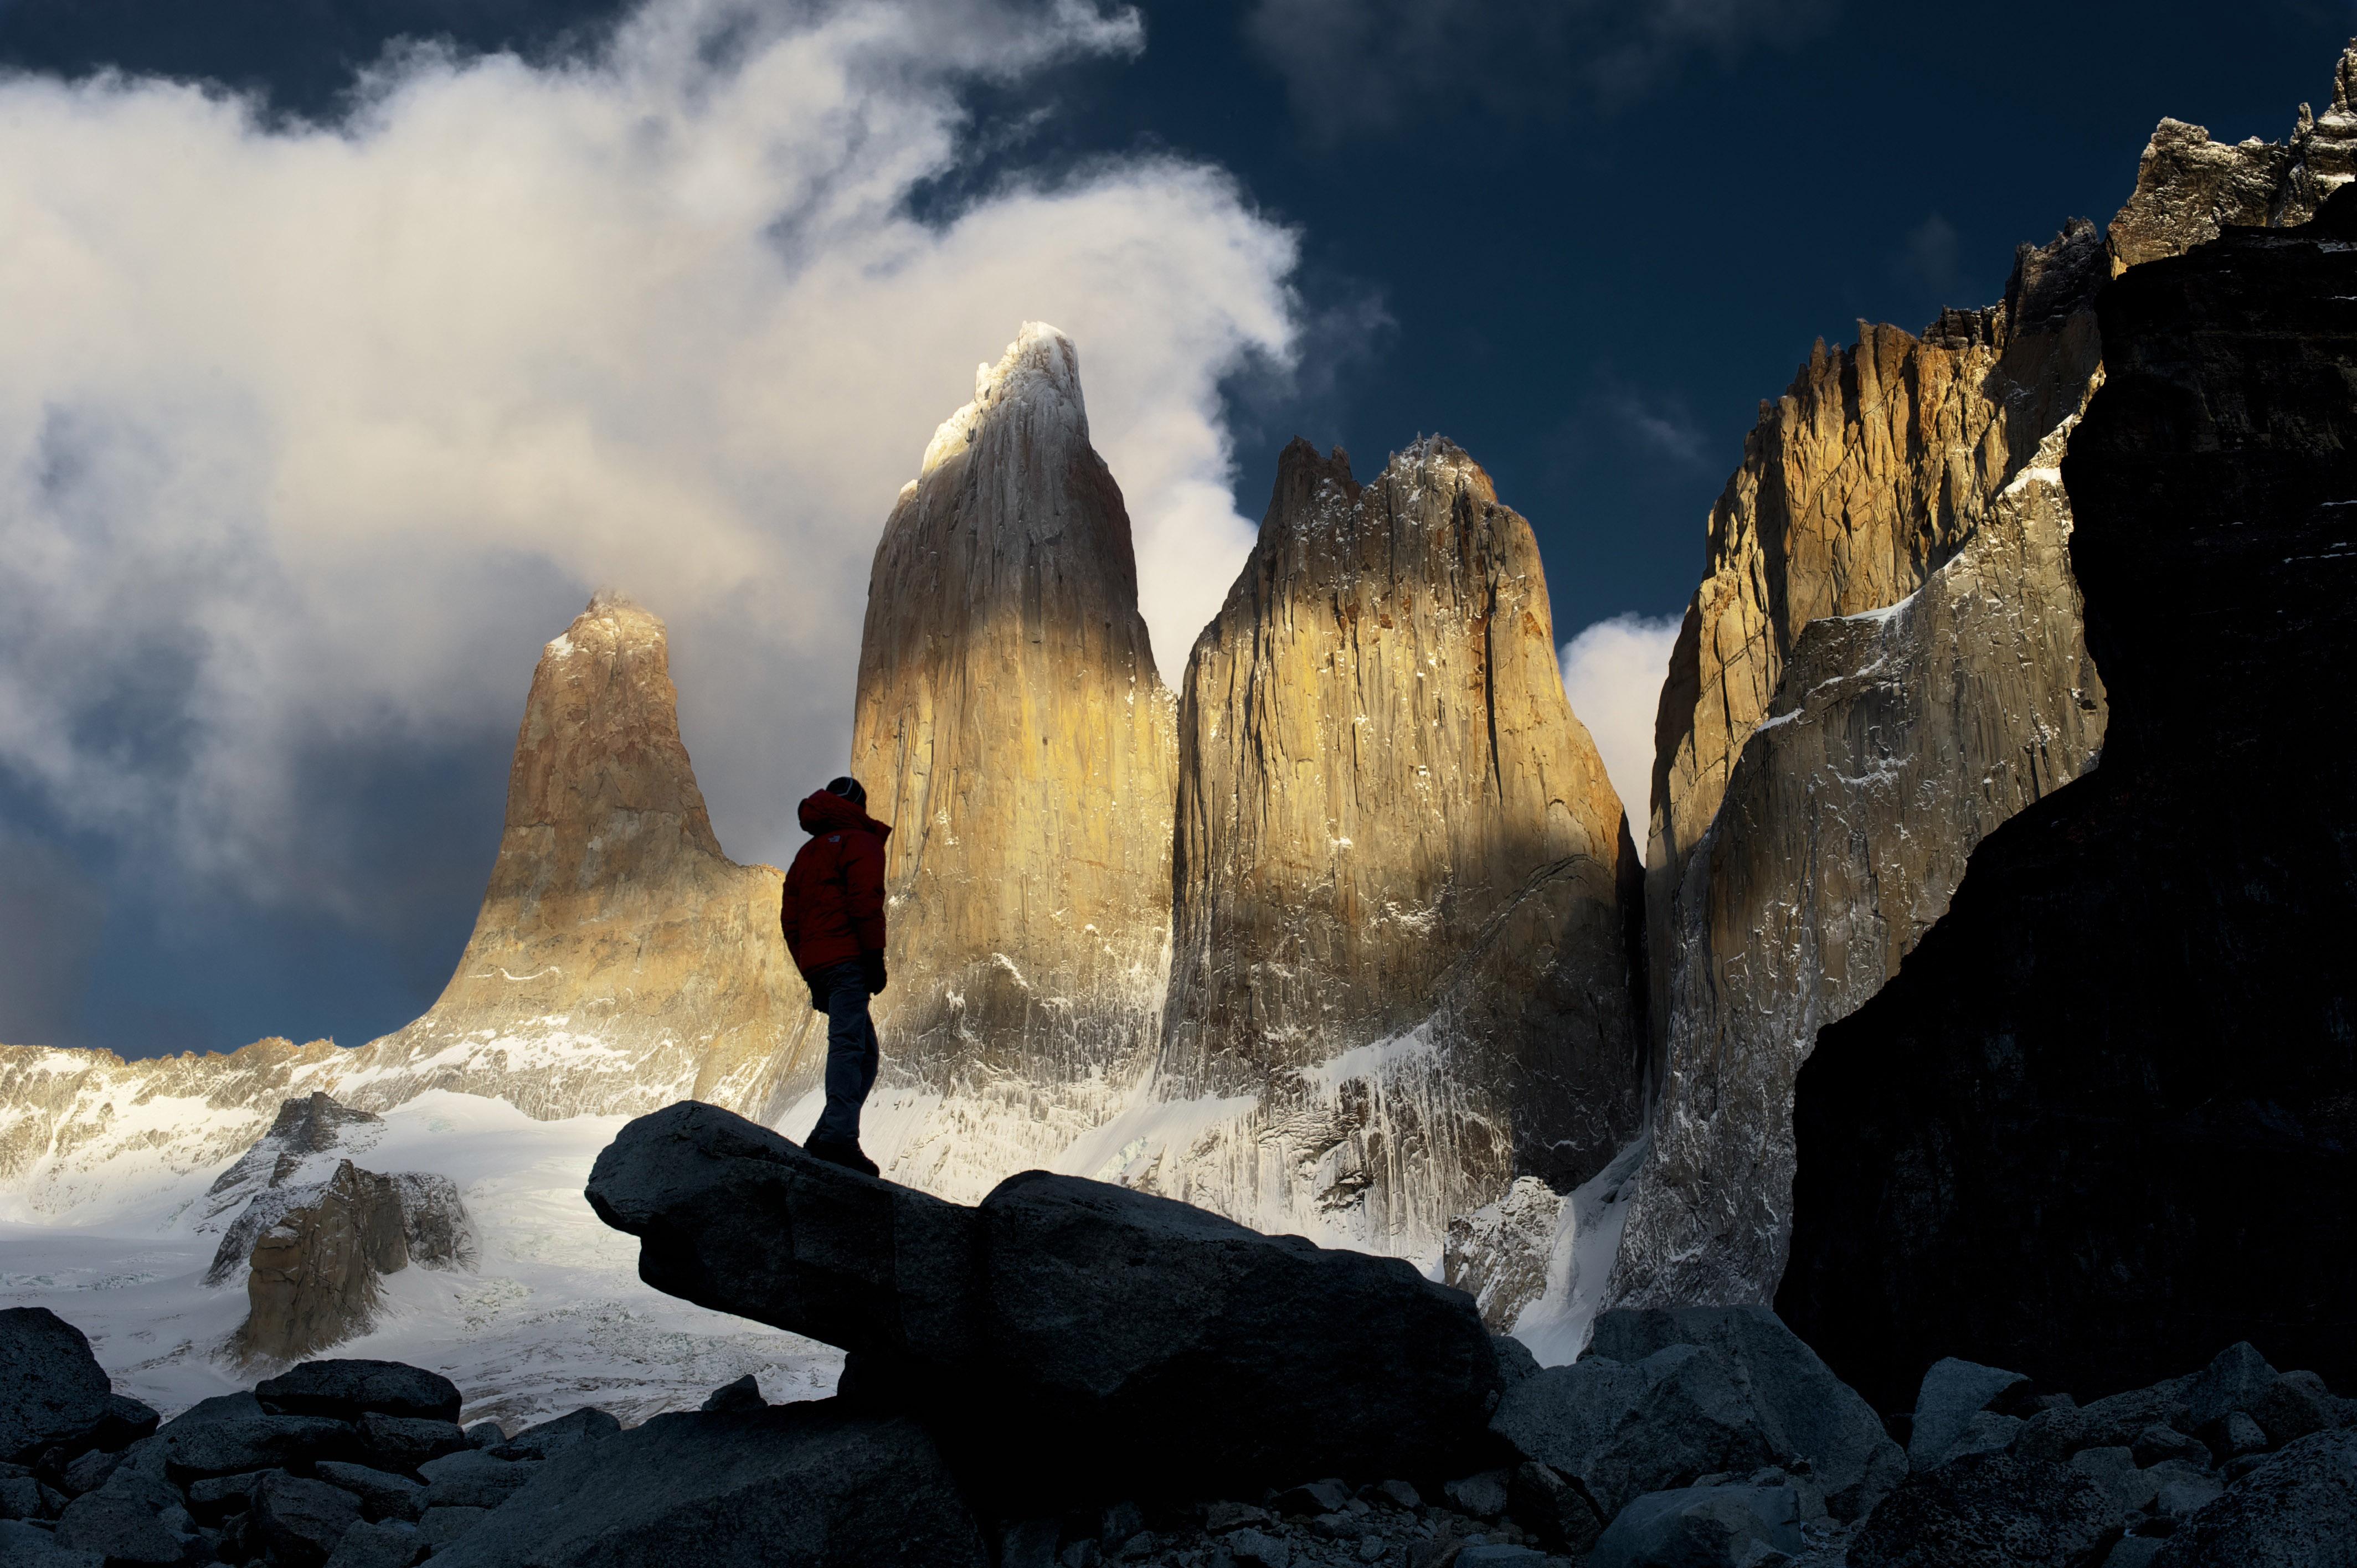 Full Torres del Paine